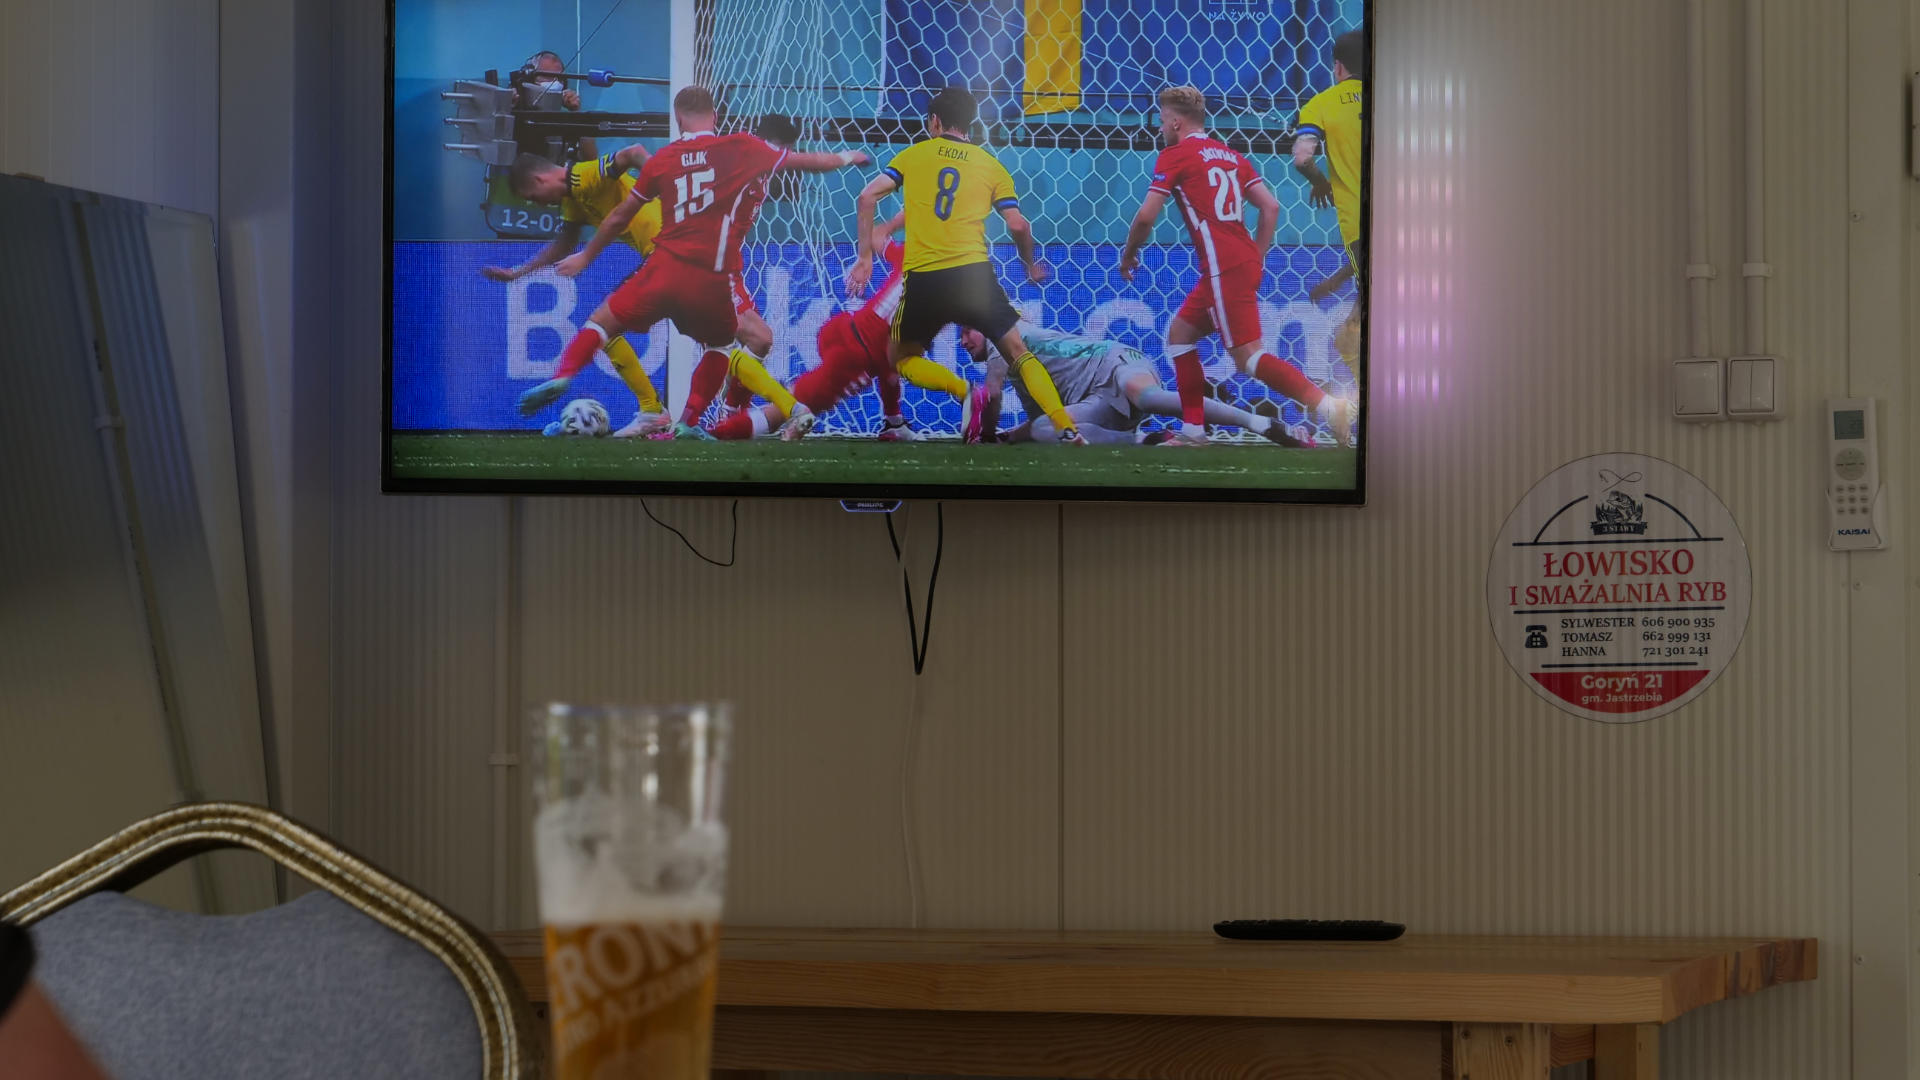 Imprezy mecze piwo